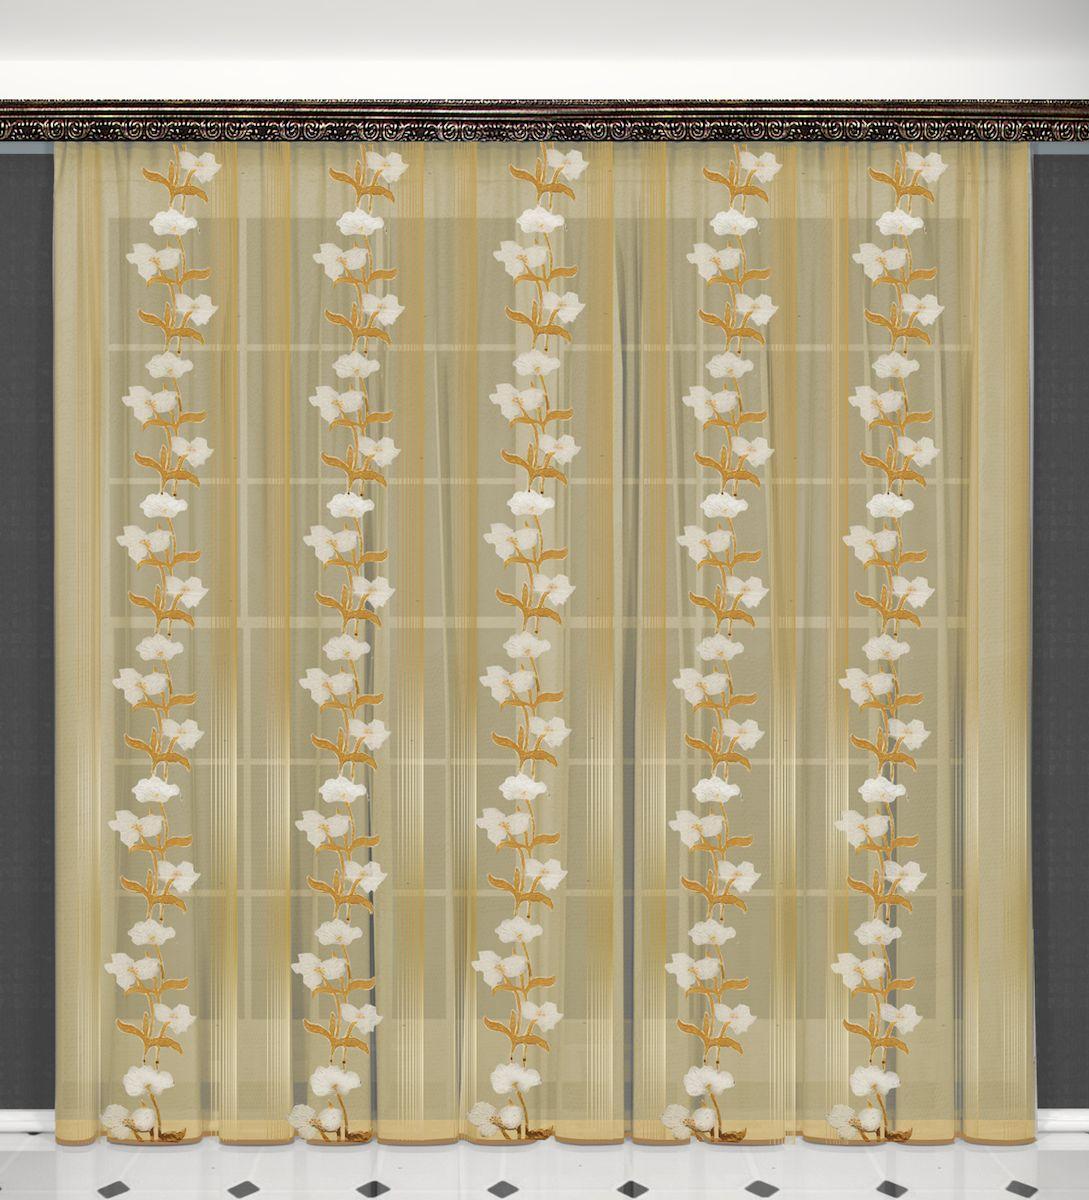 Тюль Zlata Korunka, на ленте, цвет: бежевый, высота 270 см. 5563255632Тюль Zlata Korunka, изготовленный из полиэстера, великолепно украсит любое окно. Воздушная ткань и нежный цветочный рисунок привлекут к себе внимание и органично впишутся в интерьер помещения. Полиэстер - вид ткани, состоящий из полиэфирных волокон. Ткани из полиэстера - легкие, прочные и износостойкие. Такие изделия не требуют специального ухода, не пылятся и почти не мнутся. Тюль крепится на карниз при помощи ленты, которая поможет красиво и равномерно задрапировать верх. Такой тюль идеально оформит интерьер любого помещения.